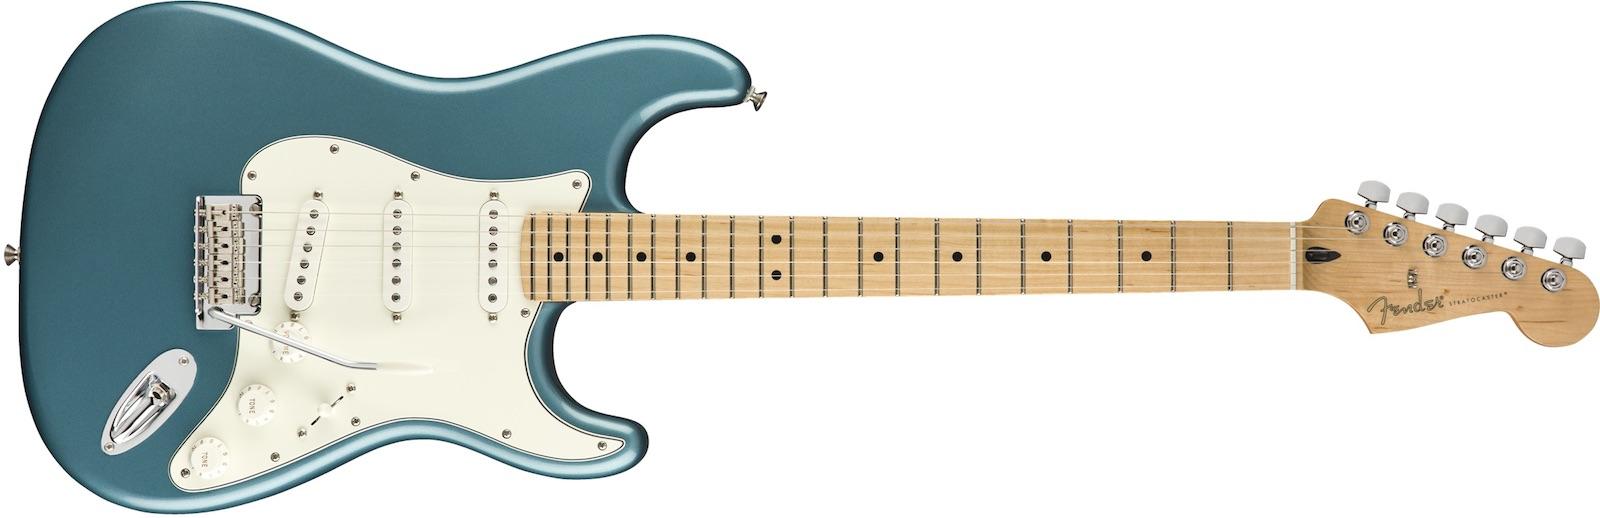 【新品】Fender Player Stratocaster Maple Fingerboard ~Tidepool~【お取り寄せ】【送料無料】【池袋店】